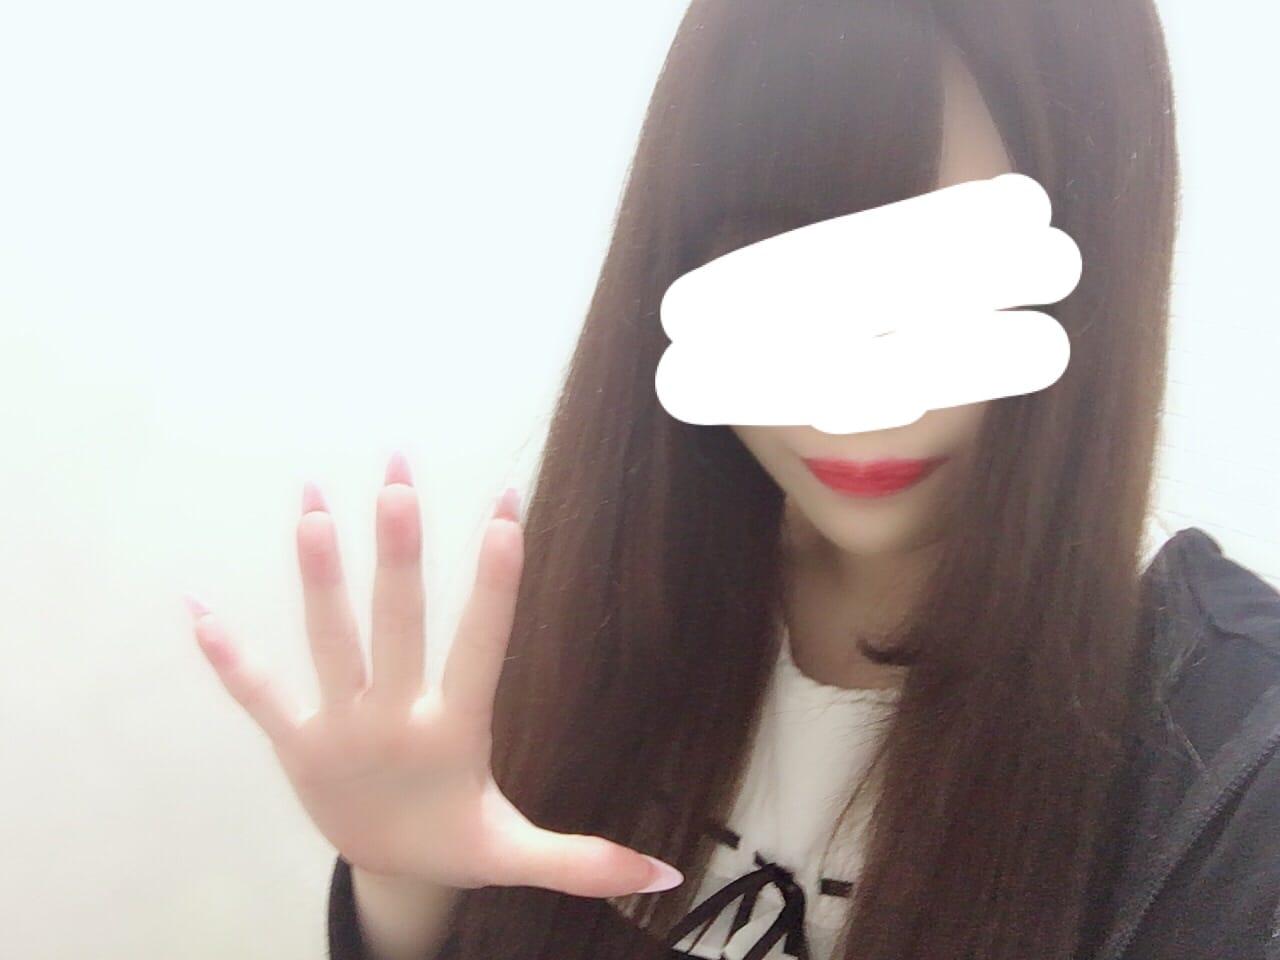 「ありがとうございました❤︎」04/29(04/29) 18:56 | えれなの写メ・風俗動画